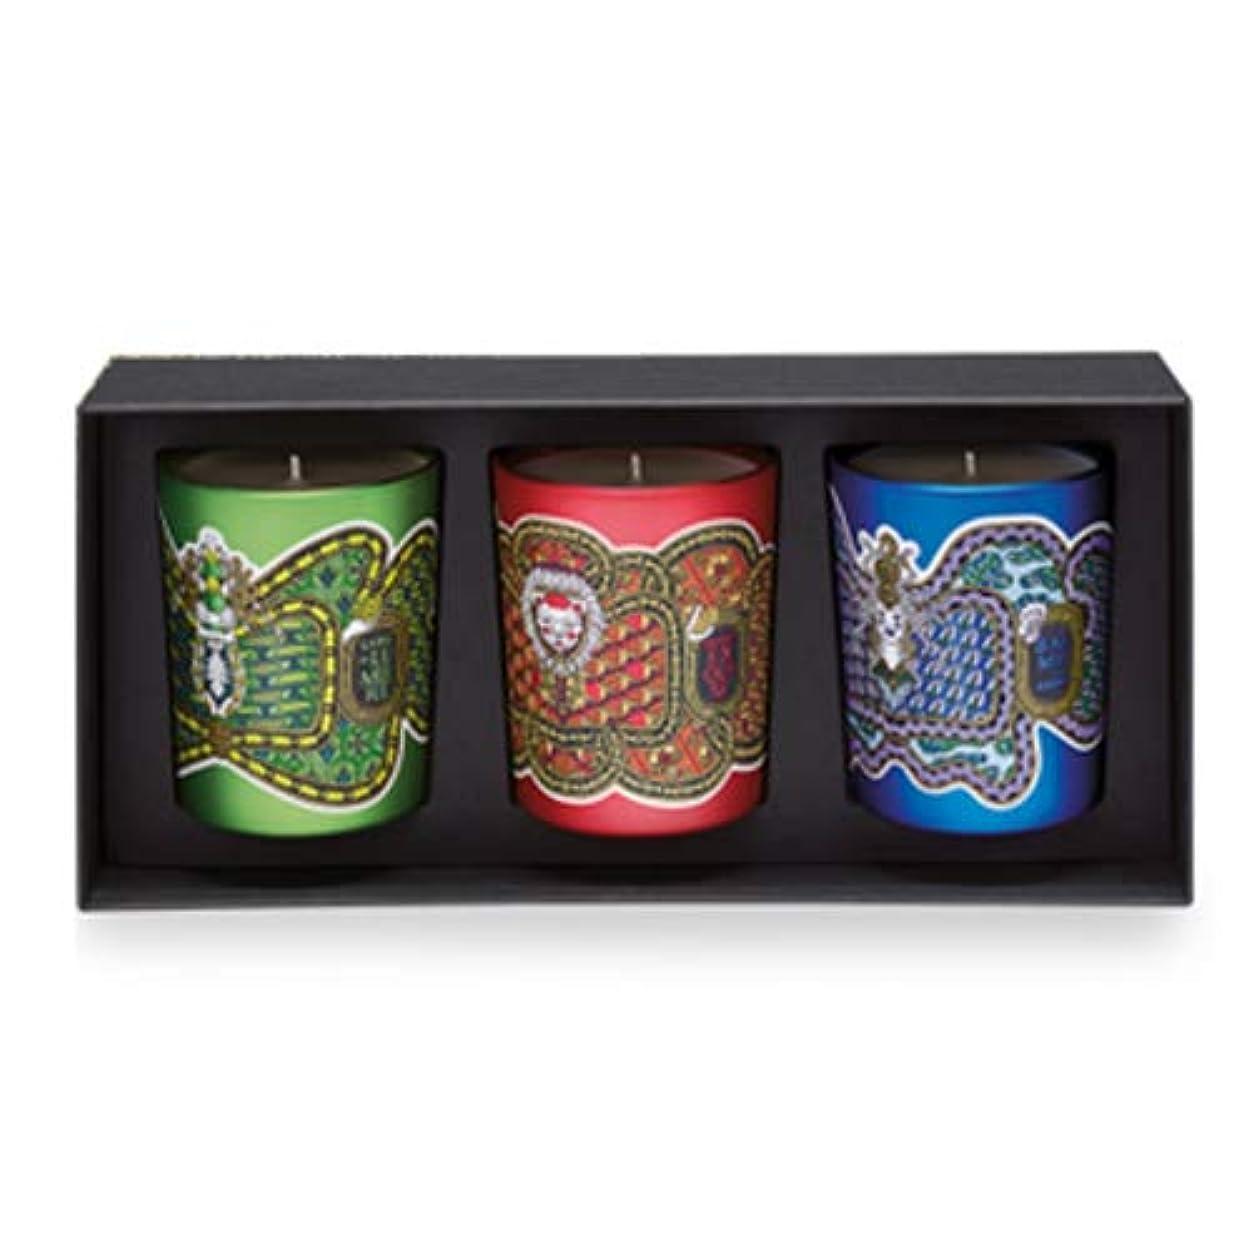 遺棄されたコンベンションオートマトンディプティック フレグランス キャンドル コフレ 3種類の香り 190g×3 DIPTYQUE LEGENDE DU NORD SCENTED HOLIDAY 3 CANDLE SET [6586] [並行輸入品]